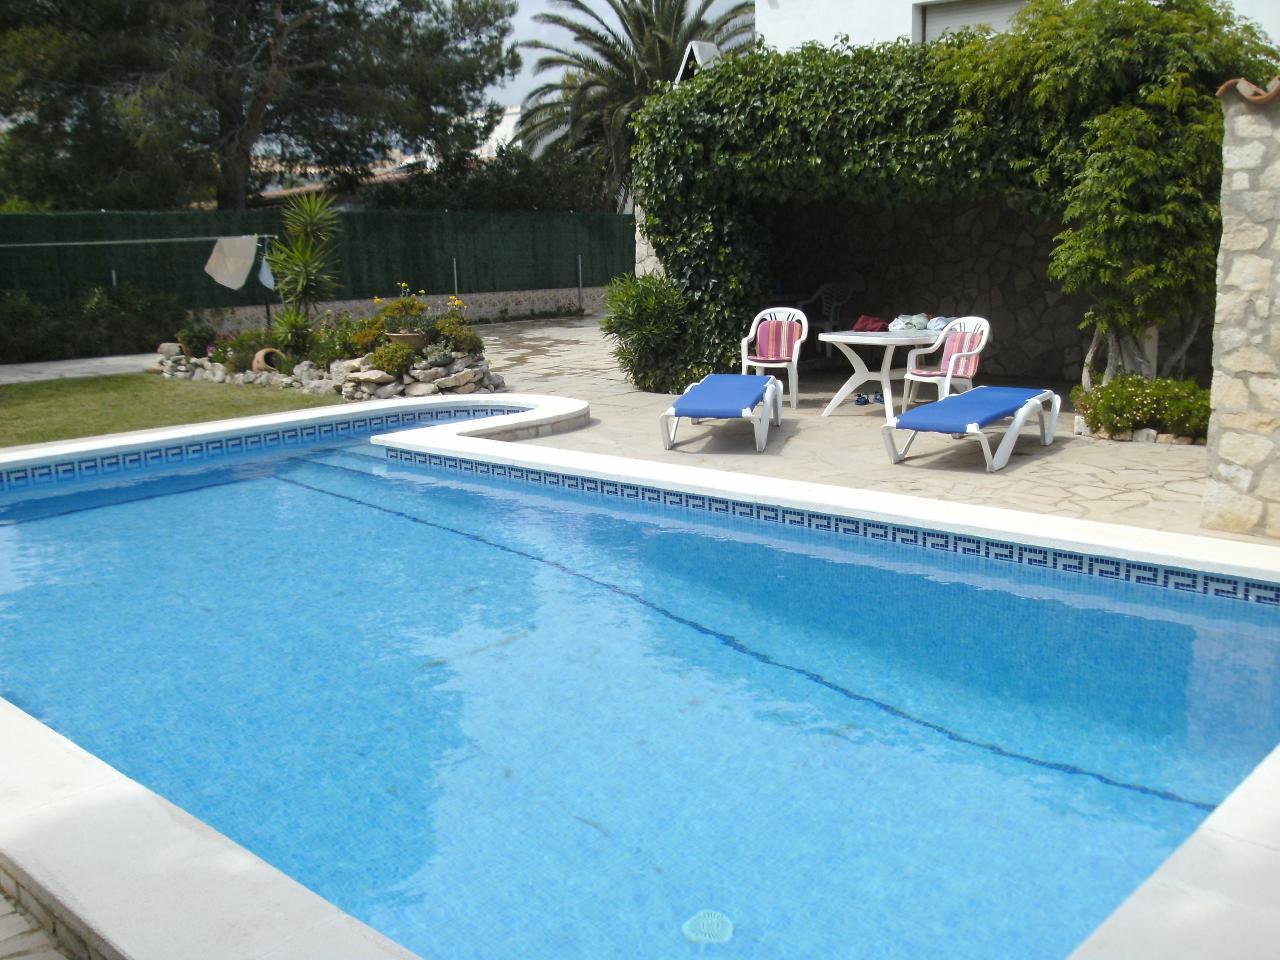 Ferienhaus mit WiFi Privat-Pool ohne Einsicht gute Preise (1901111), L'Ametlla de Mar, Costa Dorada, Katalonien, Spanien, Bild 2